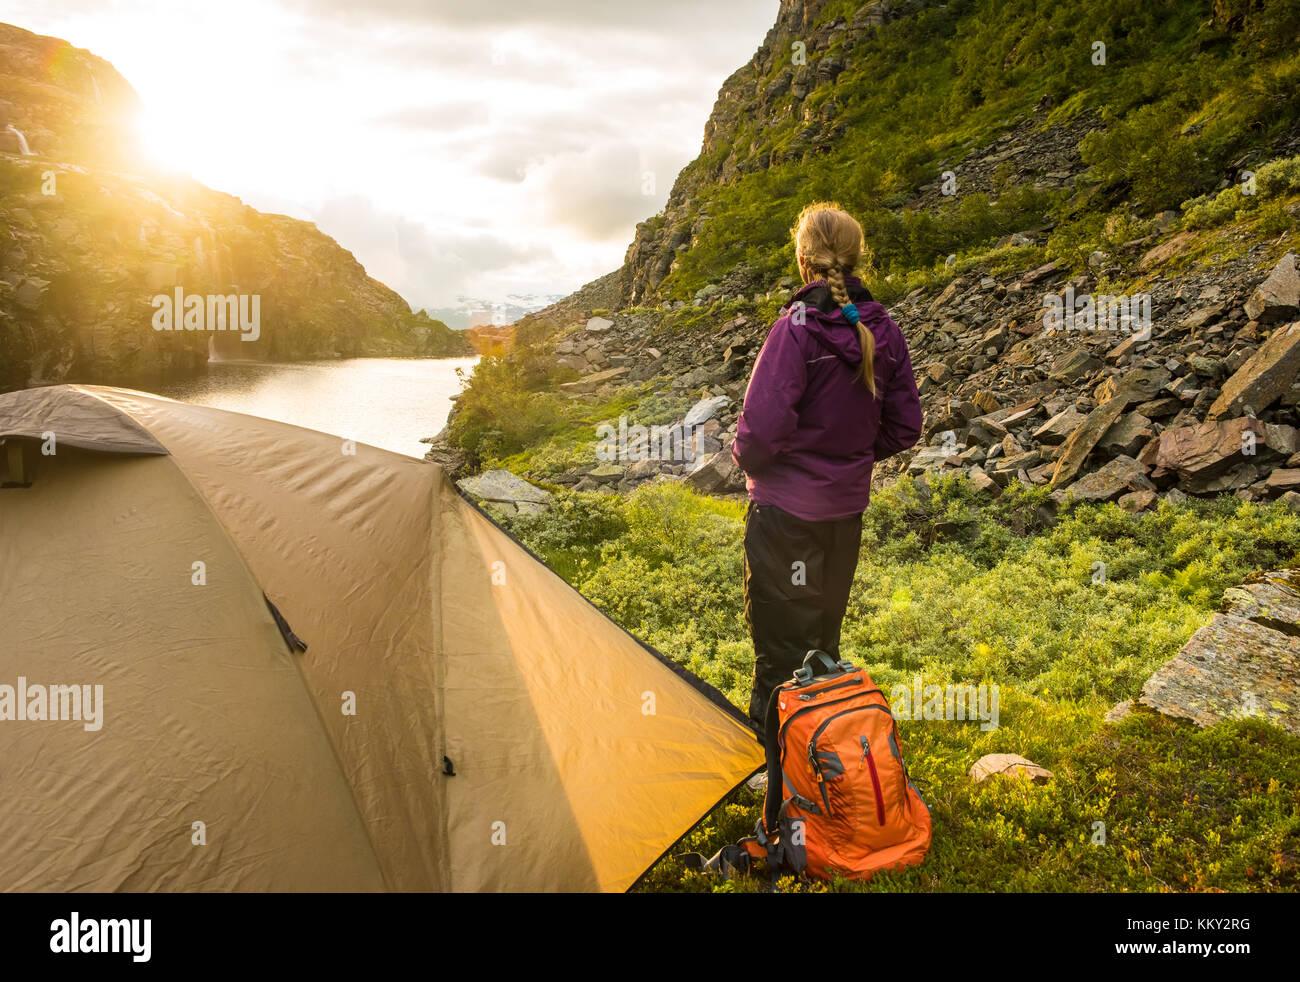 Touristische Hütte und die Frau in der Nähe von Mountain Lake, Sommer Sonnenuntergang, Norwegen Stockbild